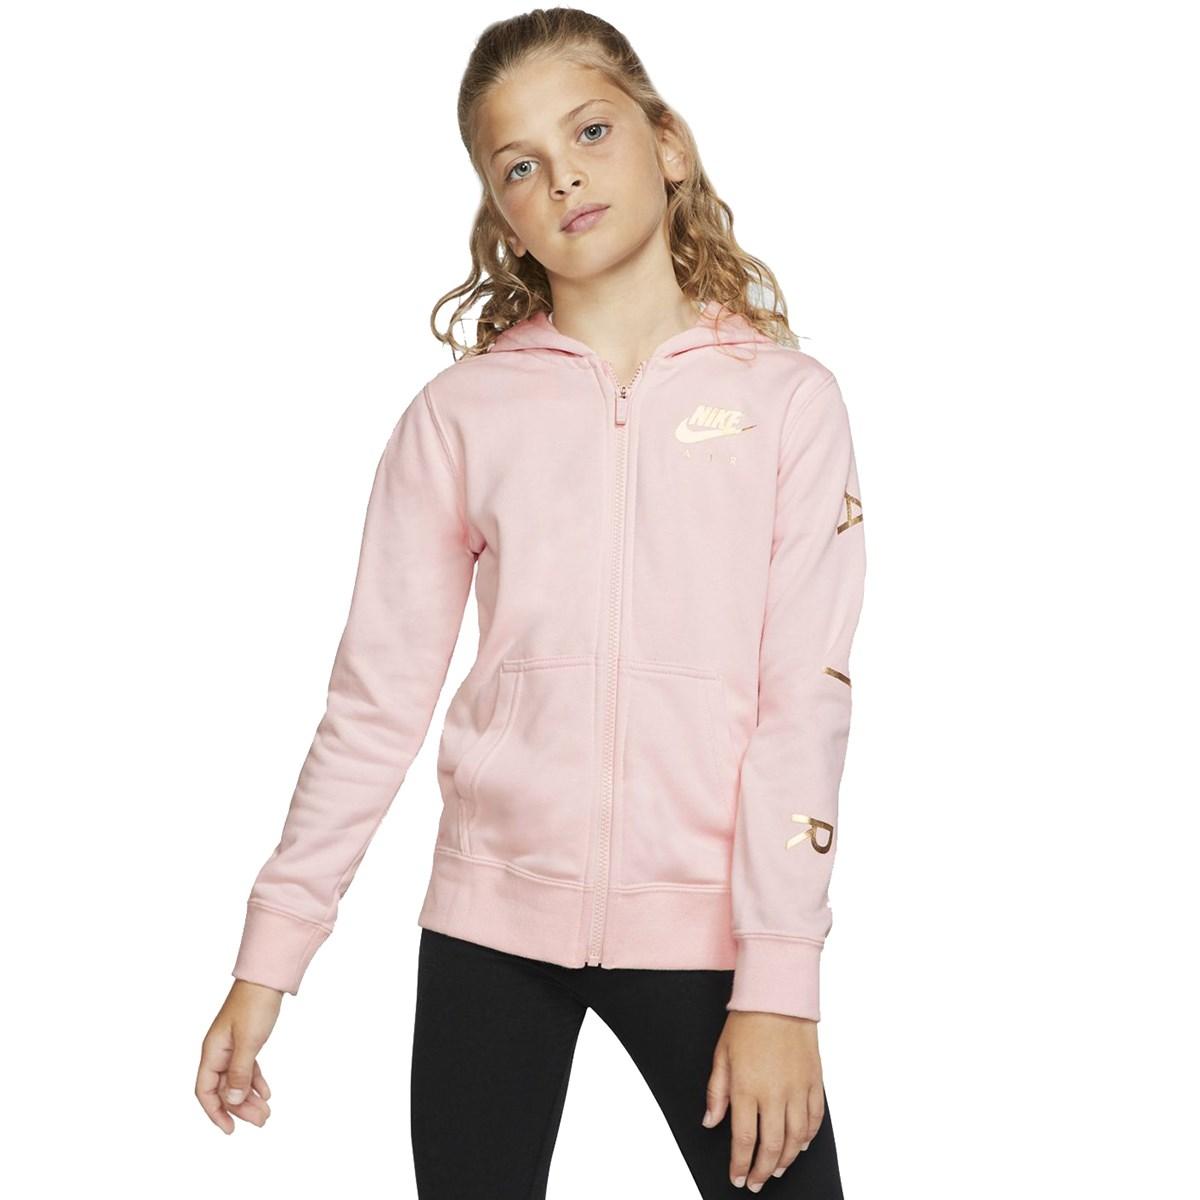 Air Sportswear Fleece Çocuk Pembe Sweatshirt (BV2757-682)